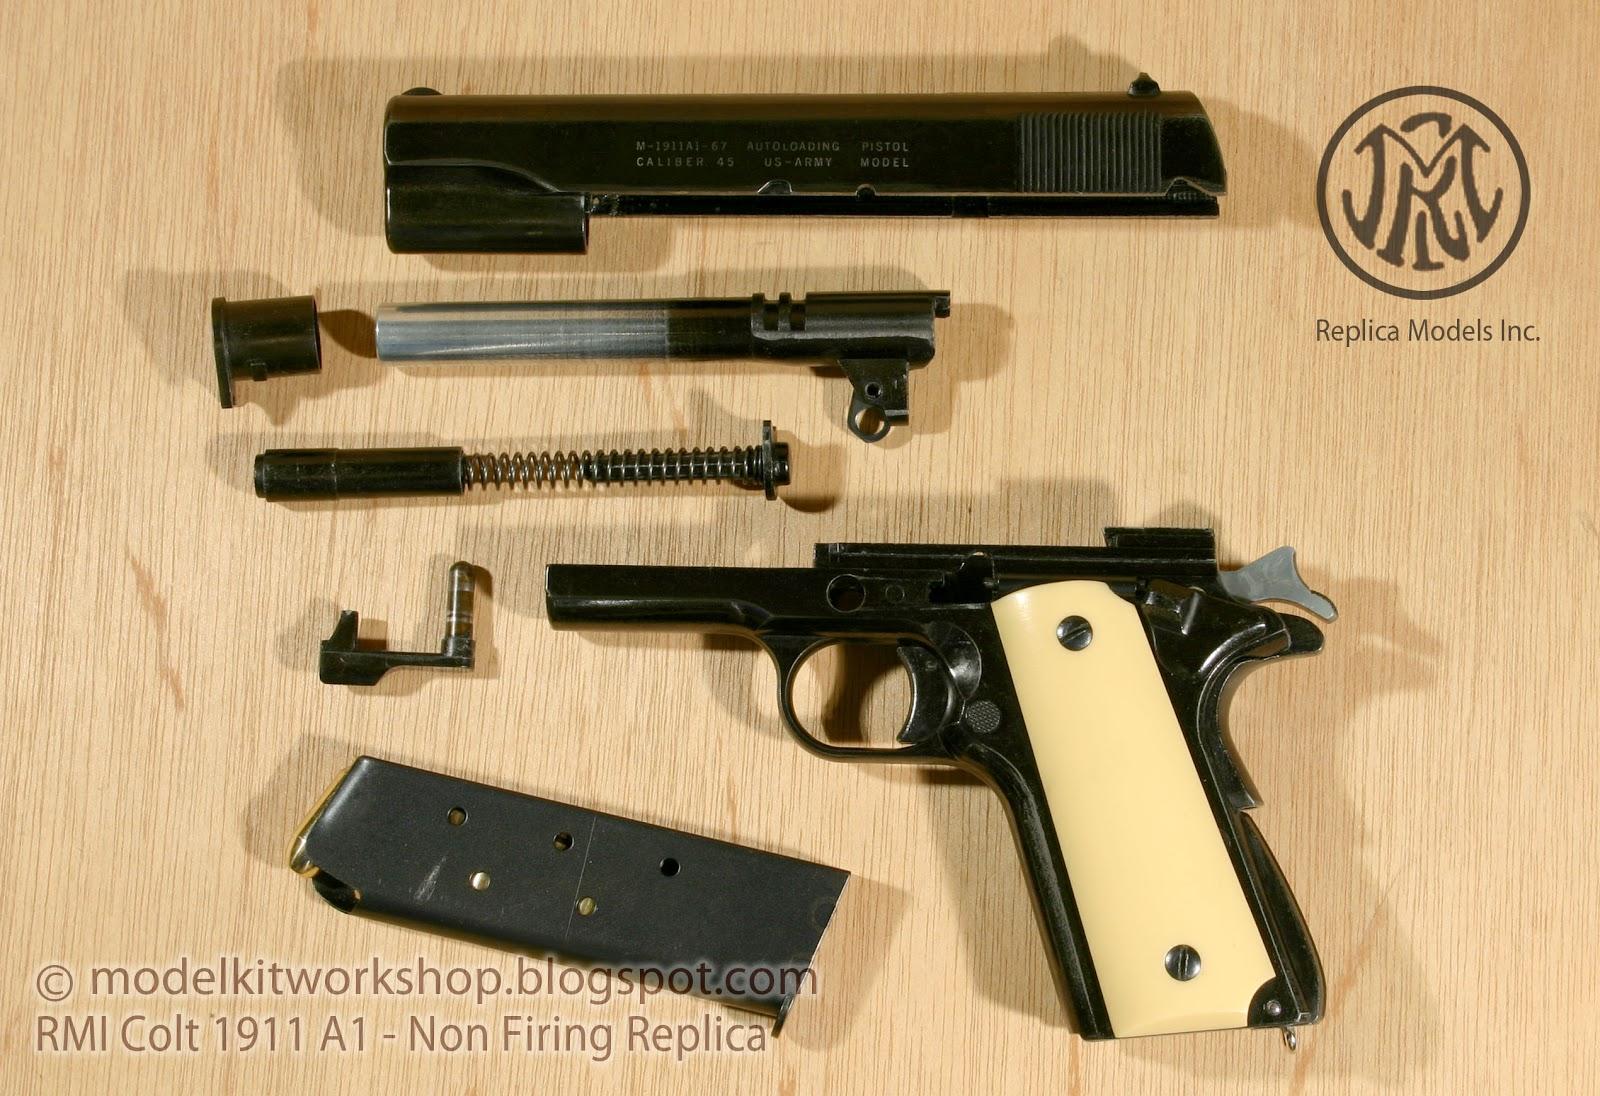 MODELKIT WORKSHOP: NON FIRING REPLICA (Metal) : RMI Colt